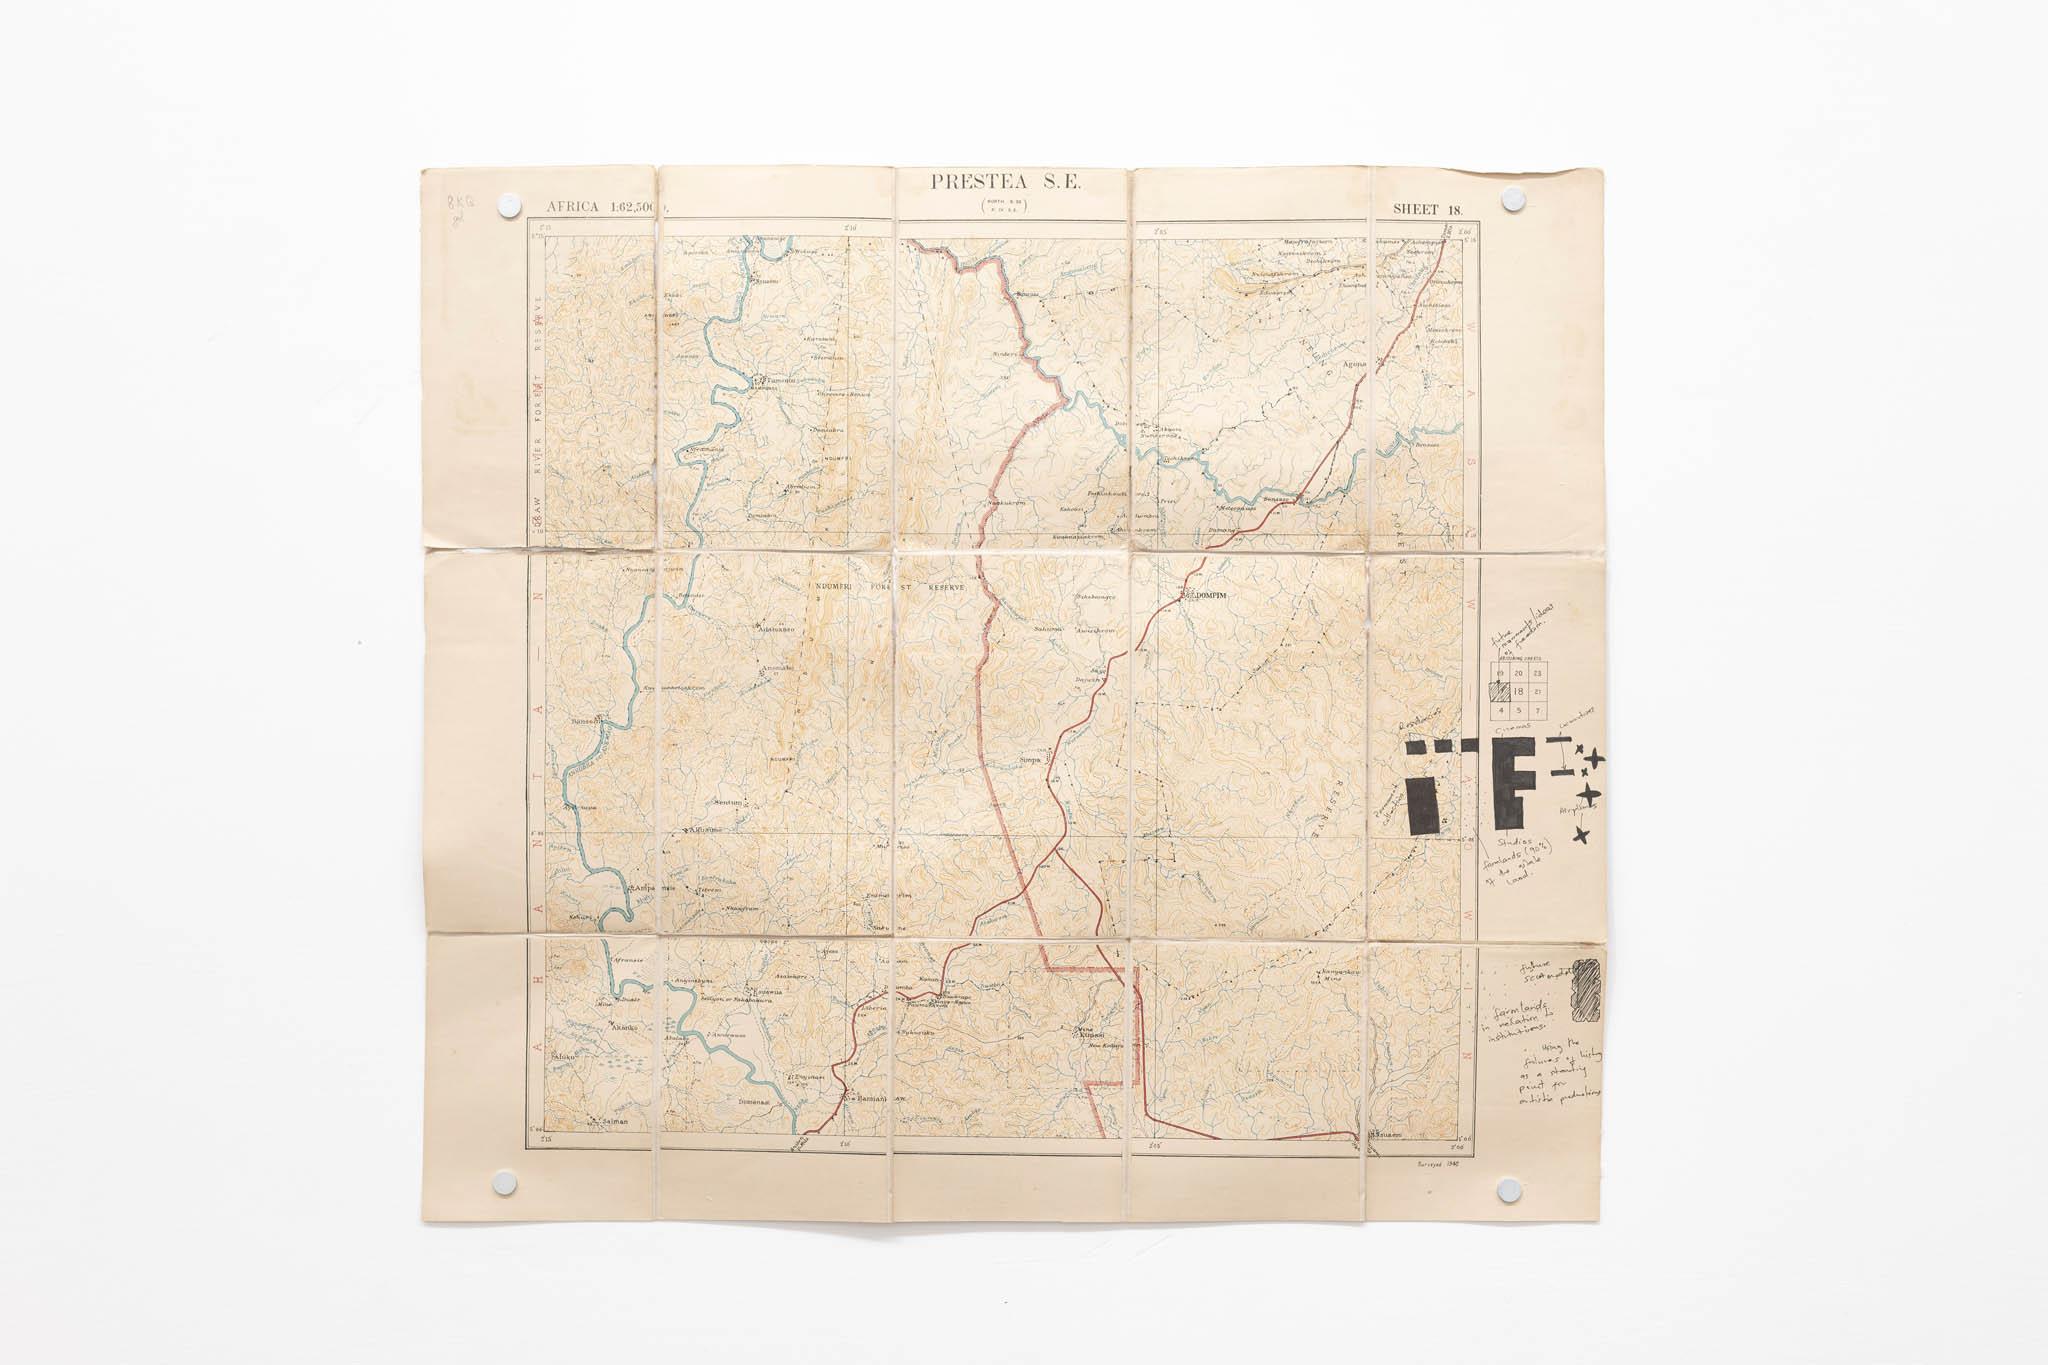 Ibrahim Mahama Prestea S.E., 1951 – 2019; mappa d'archivio, 53 x 59 cm; foto Giorgio Benni